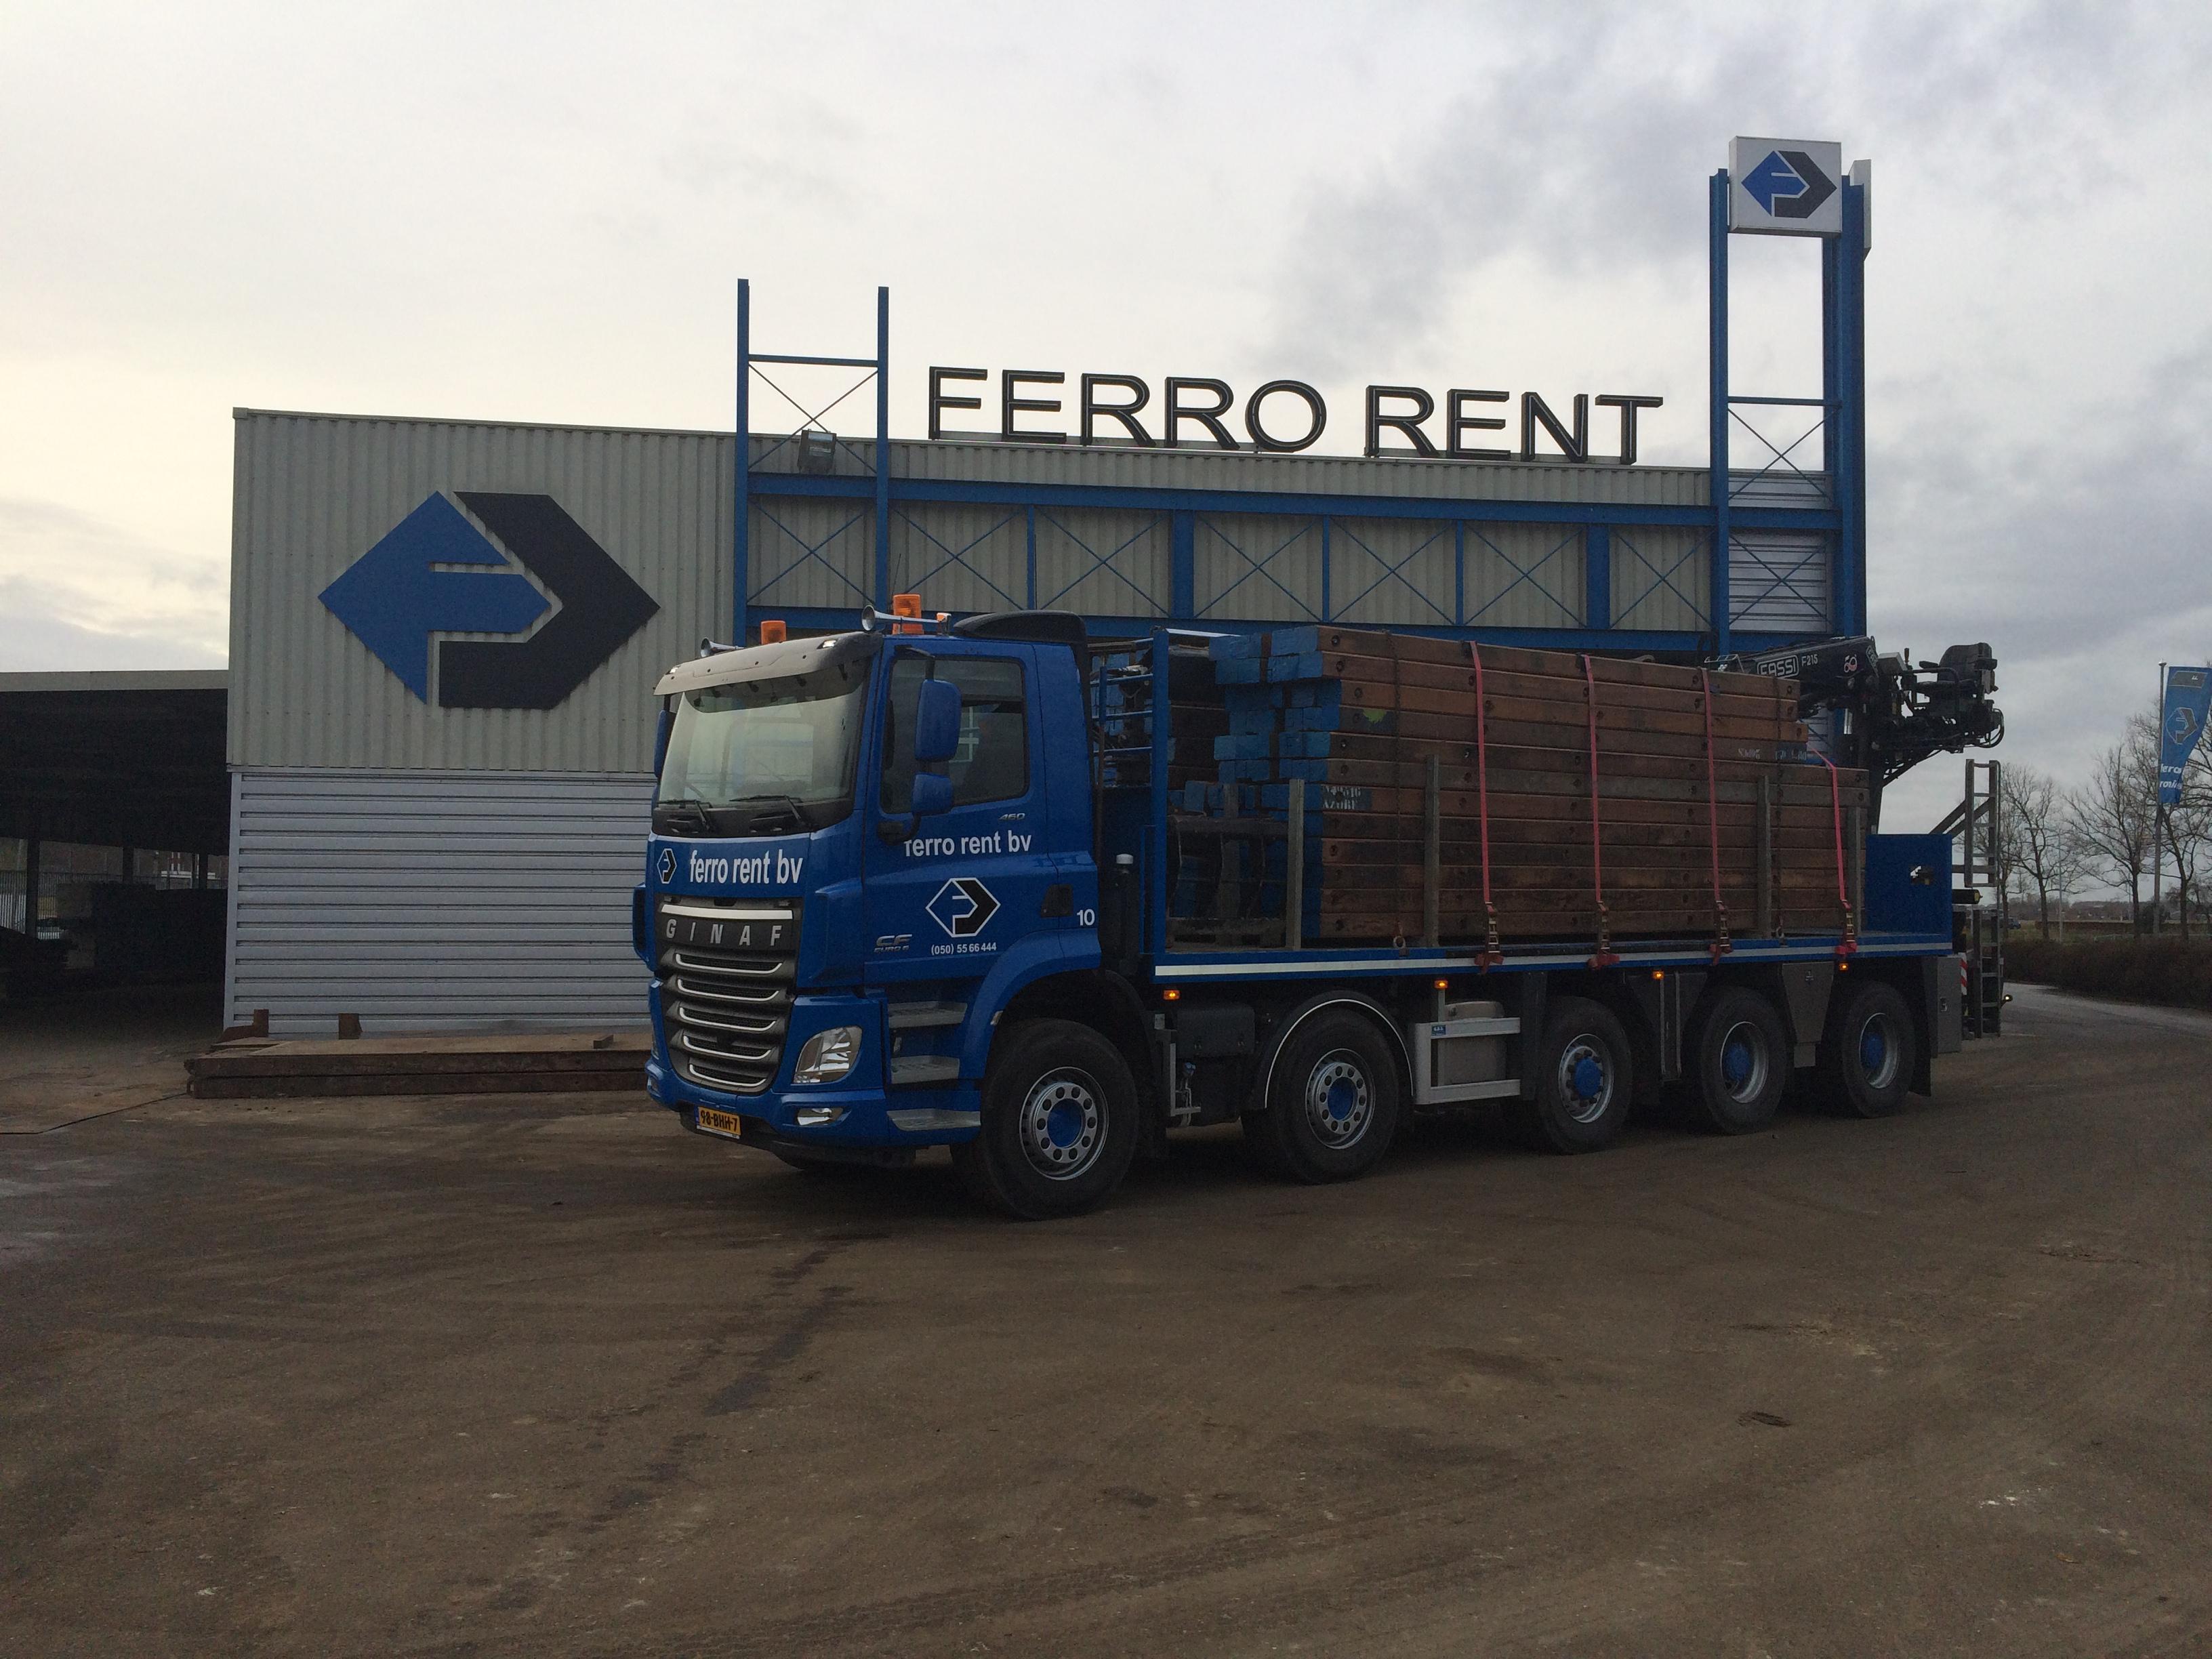 Ferro Rent kan vervoer van materiaal voor u verzorgen